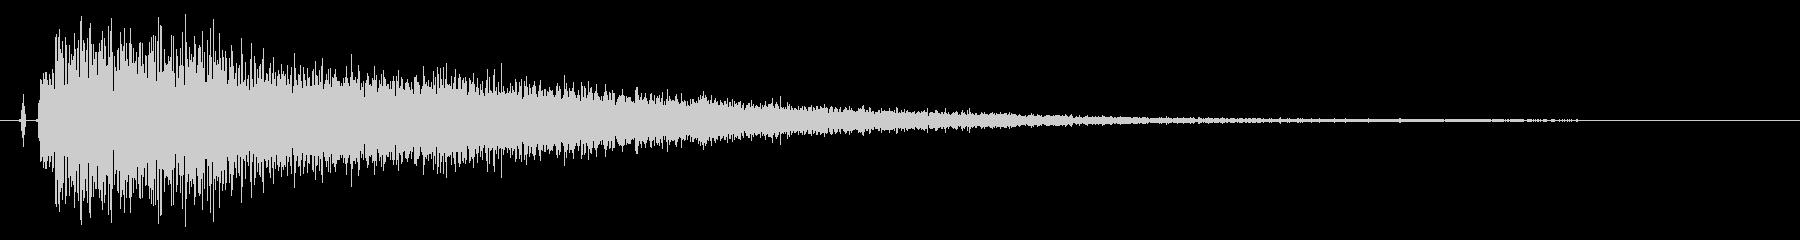 【チャイナシンバル7】中国風な演出に最適の未再生の波形